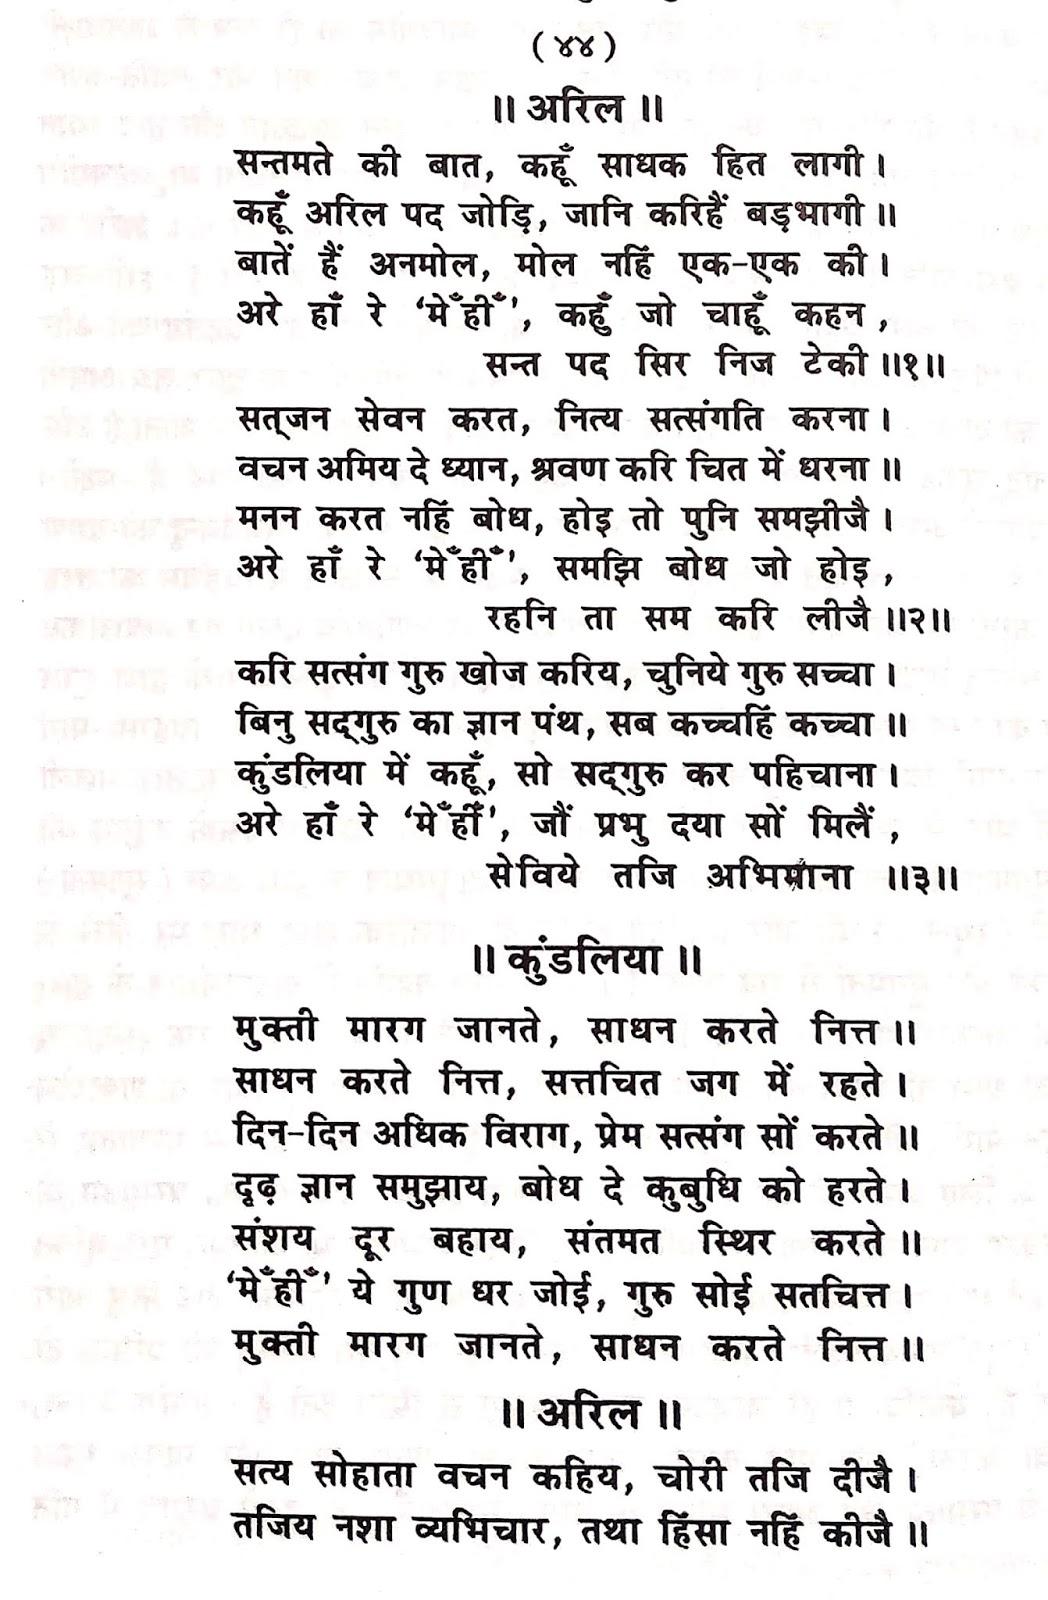 """P44, (क) The essence of saintmat meditation   """"संतमते एक ही बात।..."""" महर्षि मेंहीं पदावली (अरिल) अर्थ सहित/सत्संग ध्यान। पदावली भजन 44, संतमत साधना।"""